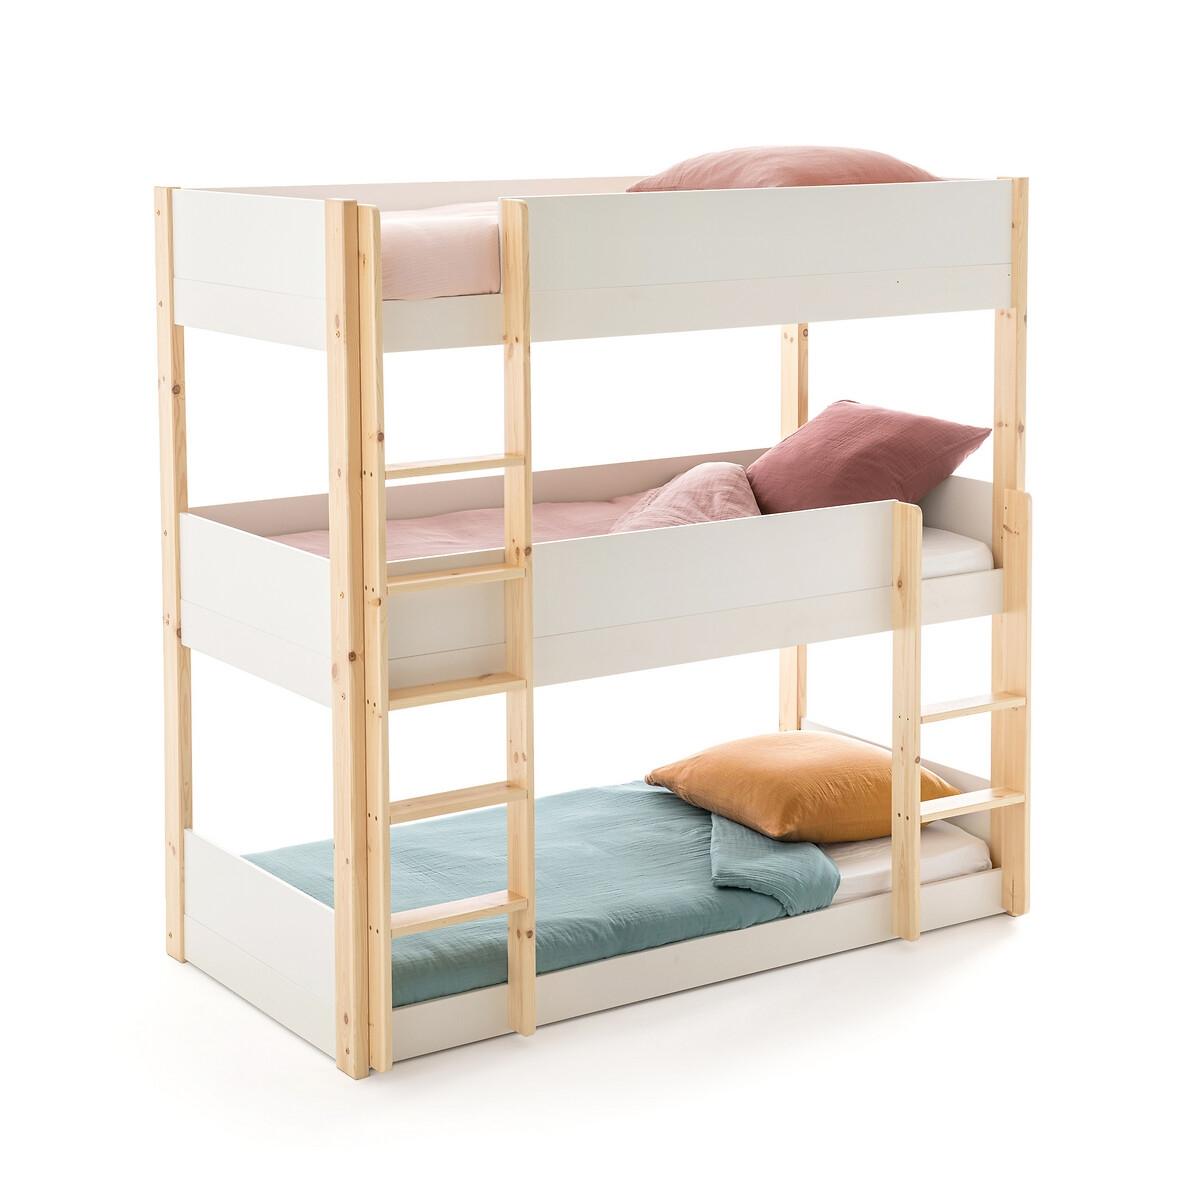 3-ярусная кровать LaRedoute MEETING 90 x 190 см белый